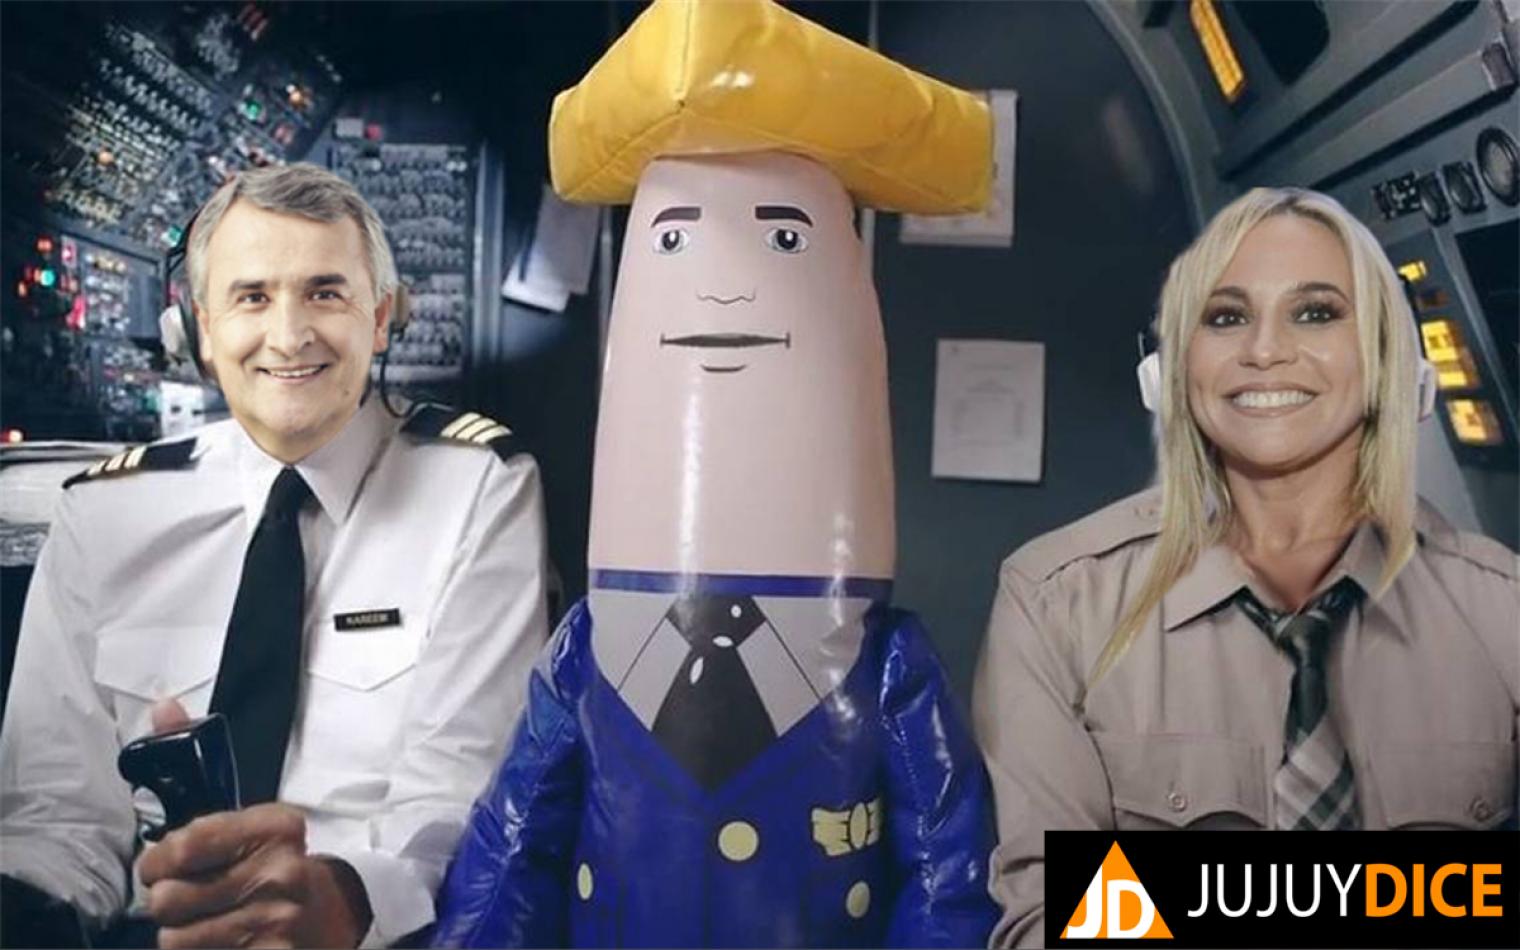 Y dónde esta el piloto? Los mil y un viajes de Morales